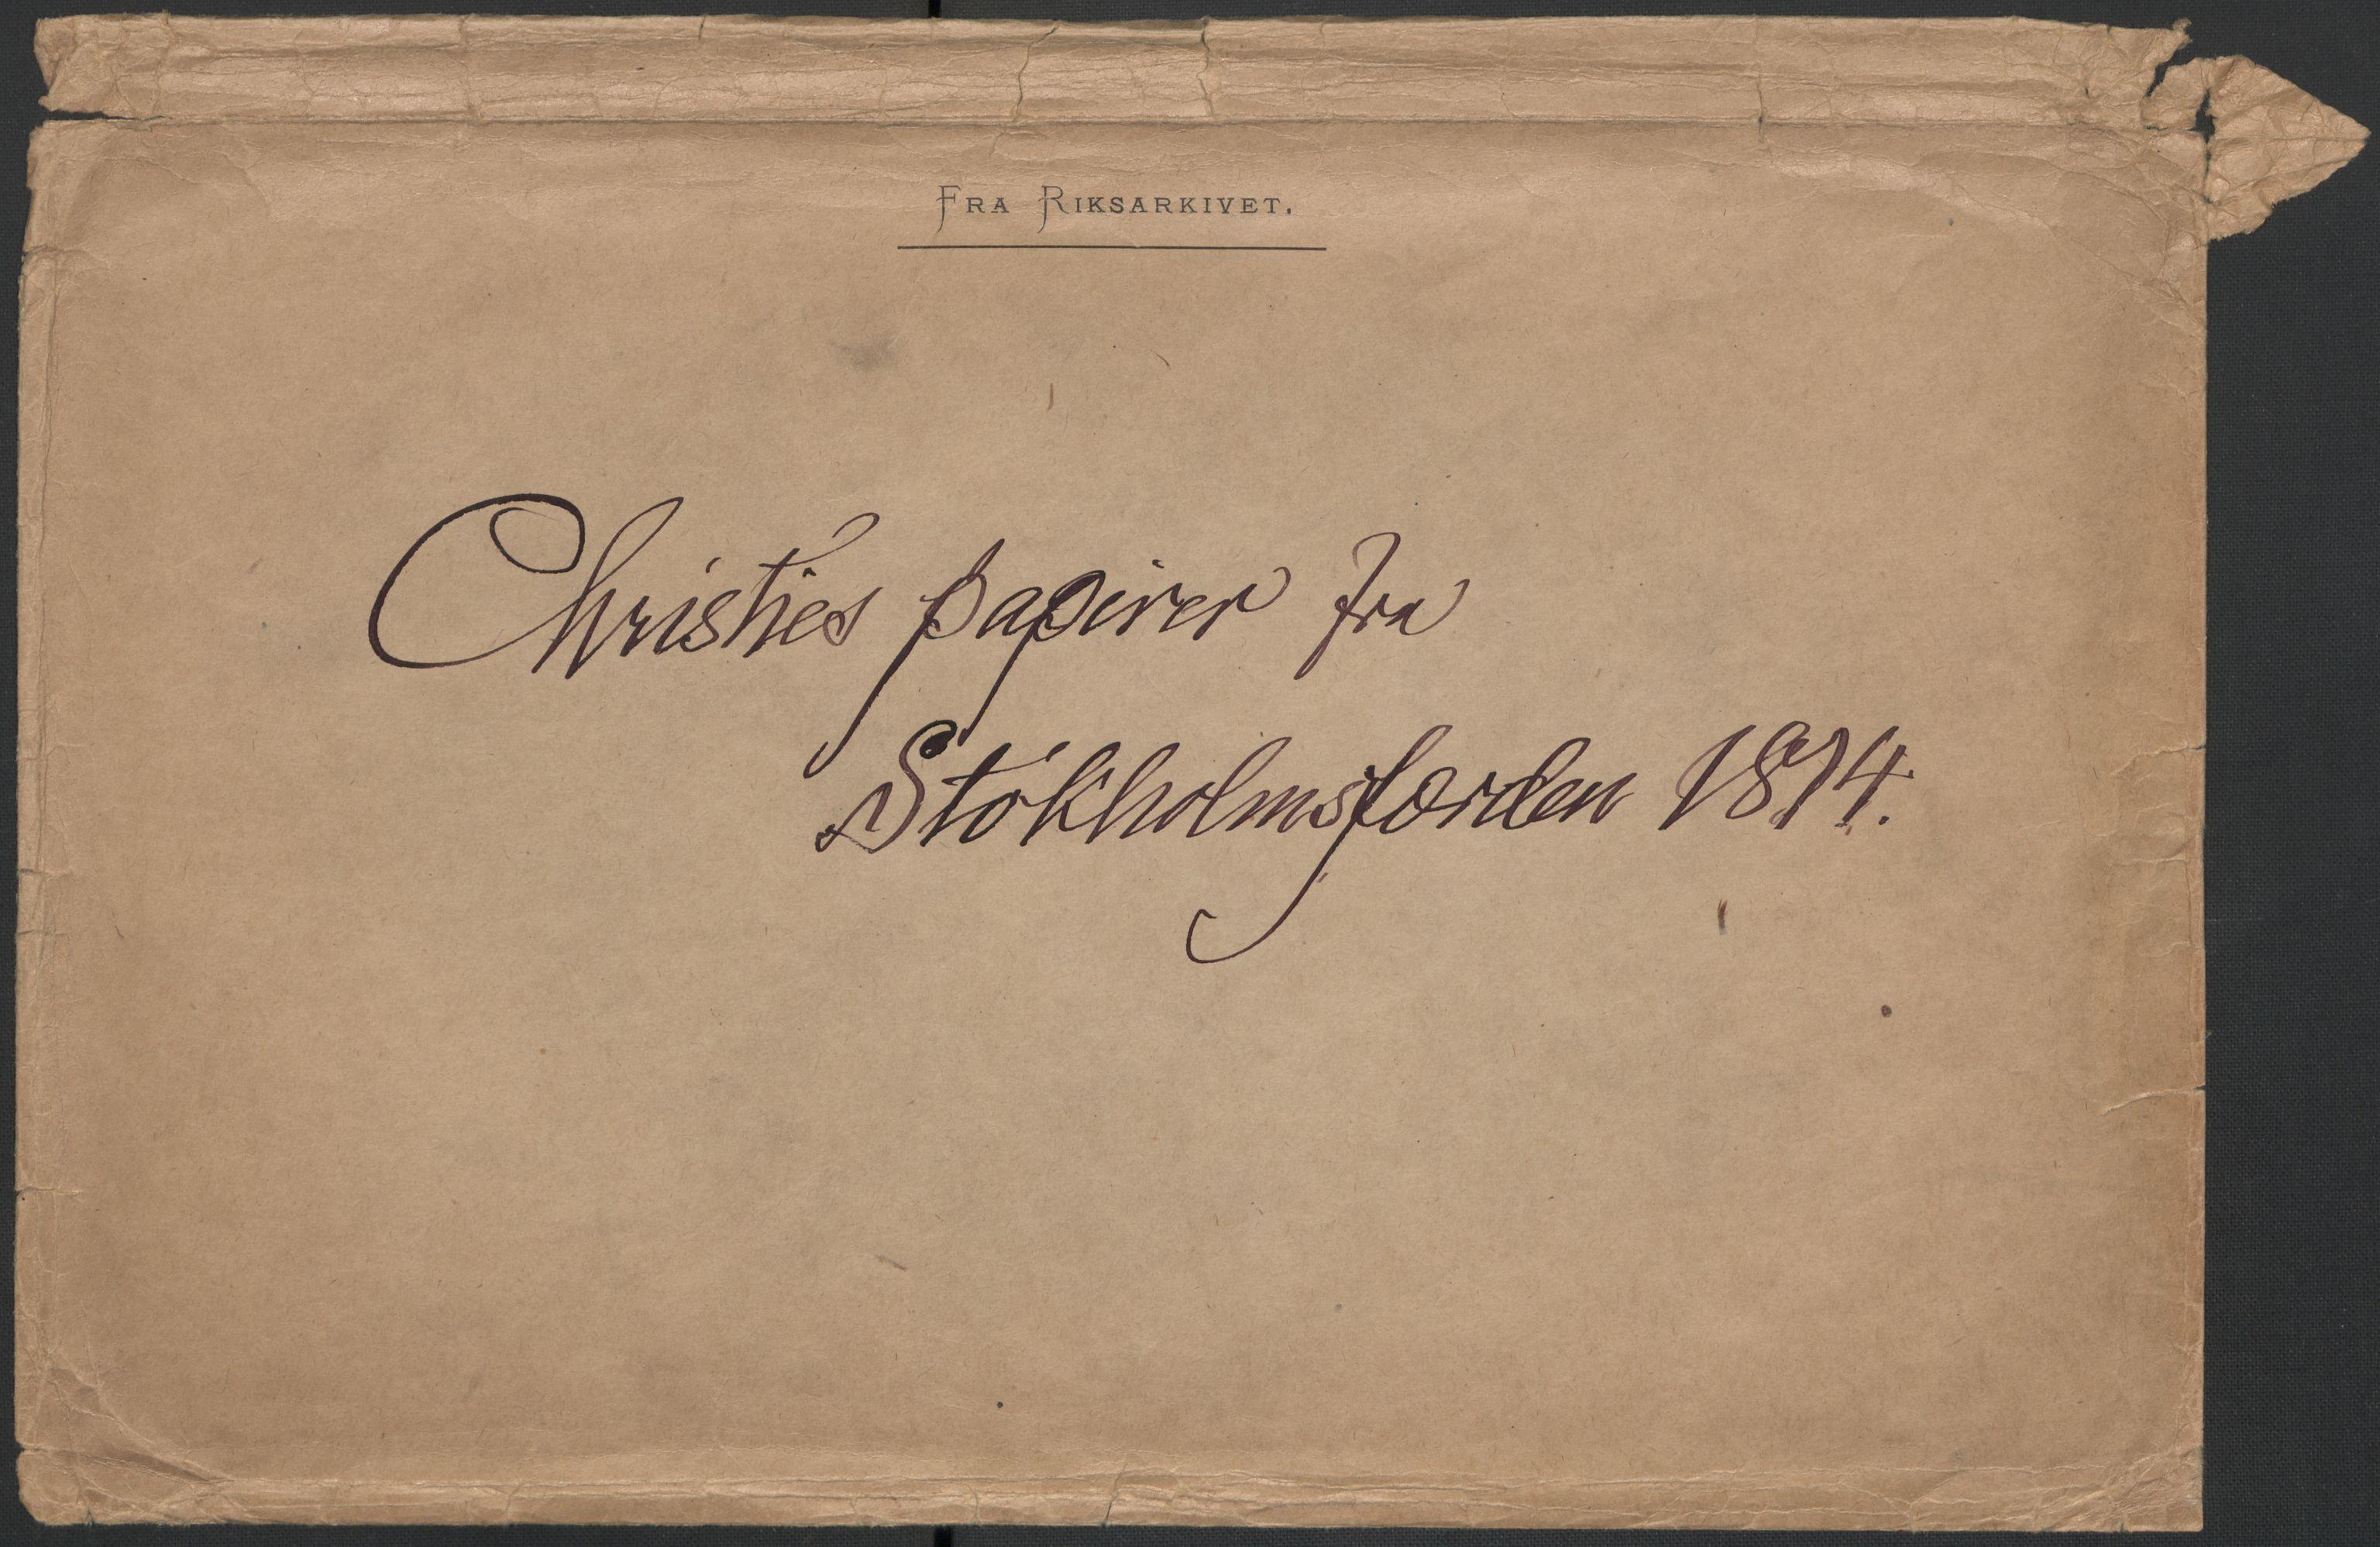 RA, Christie, Wilhelm Frimann Koren, F/L0004, 1814, s. 240